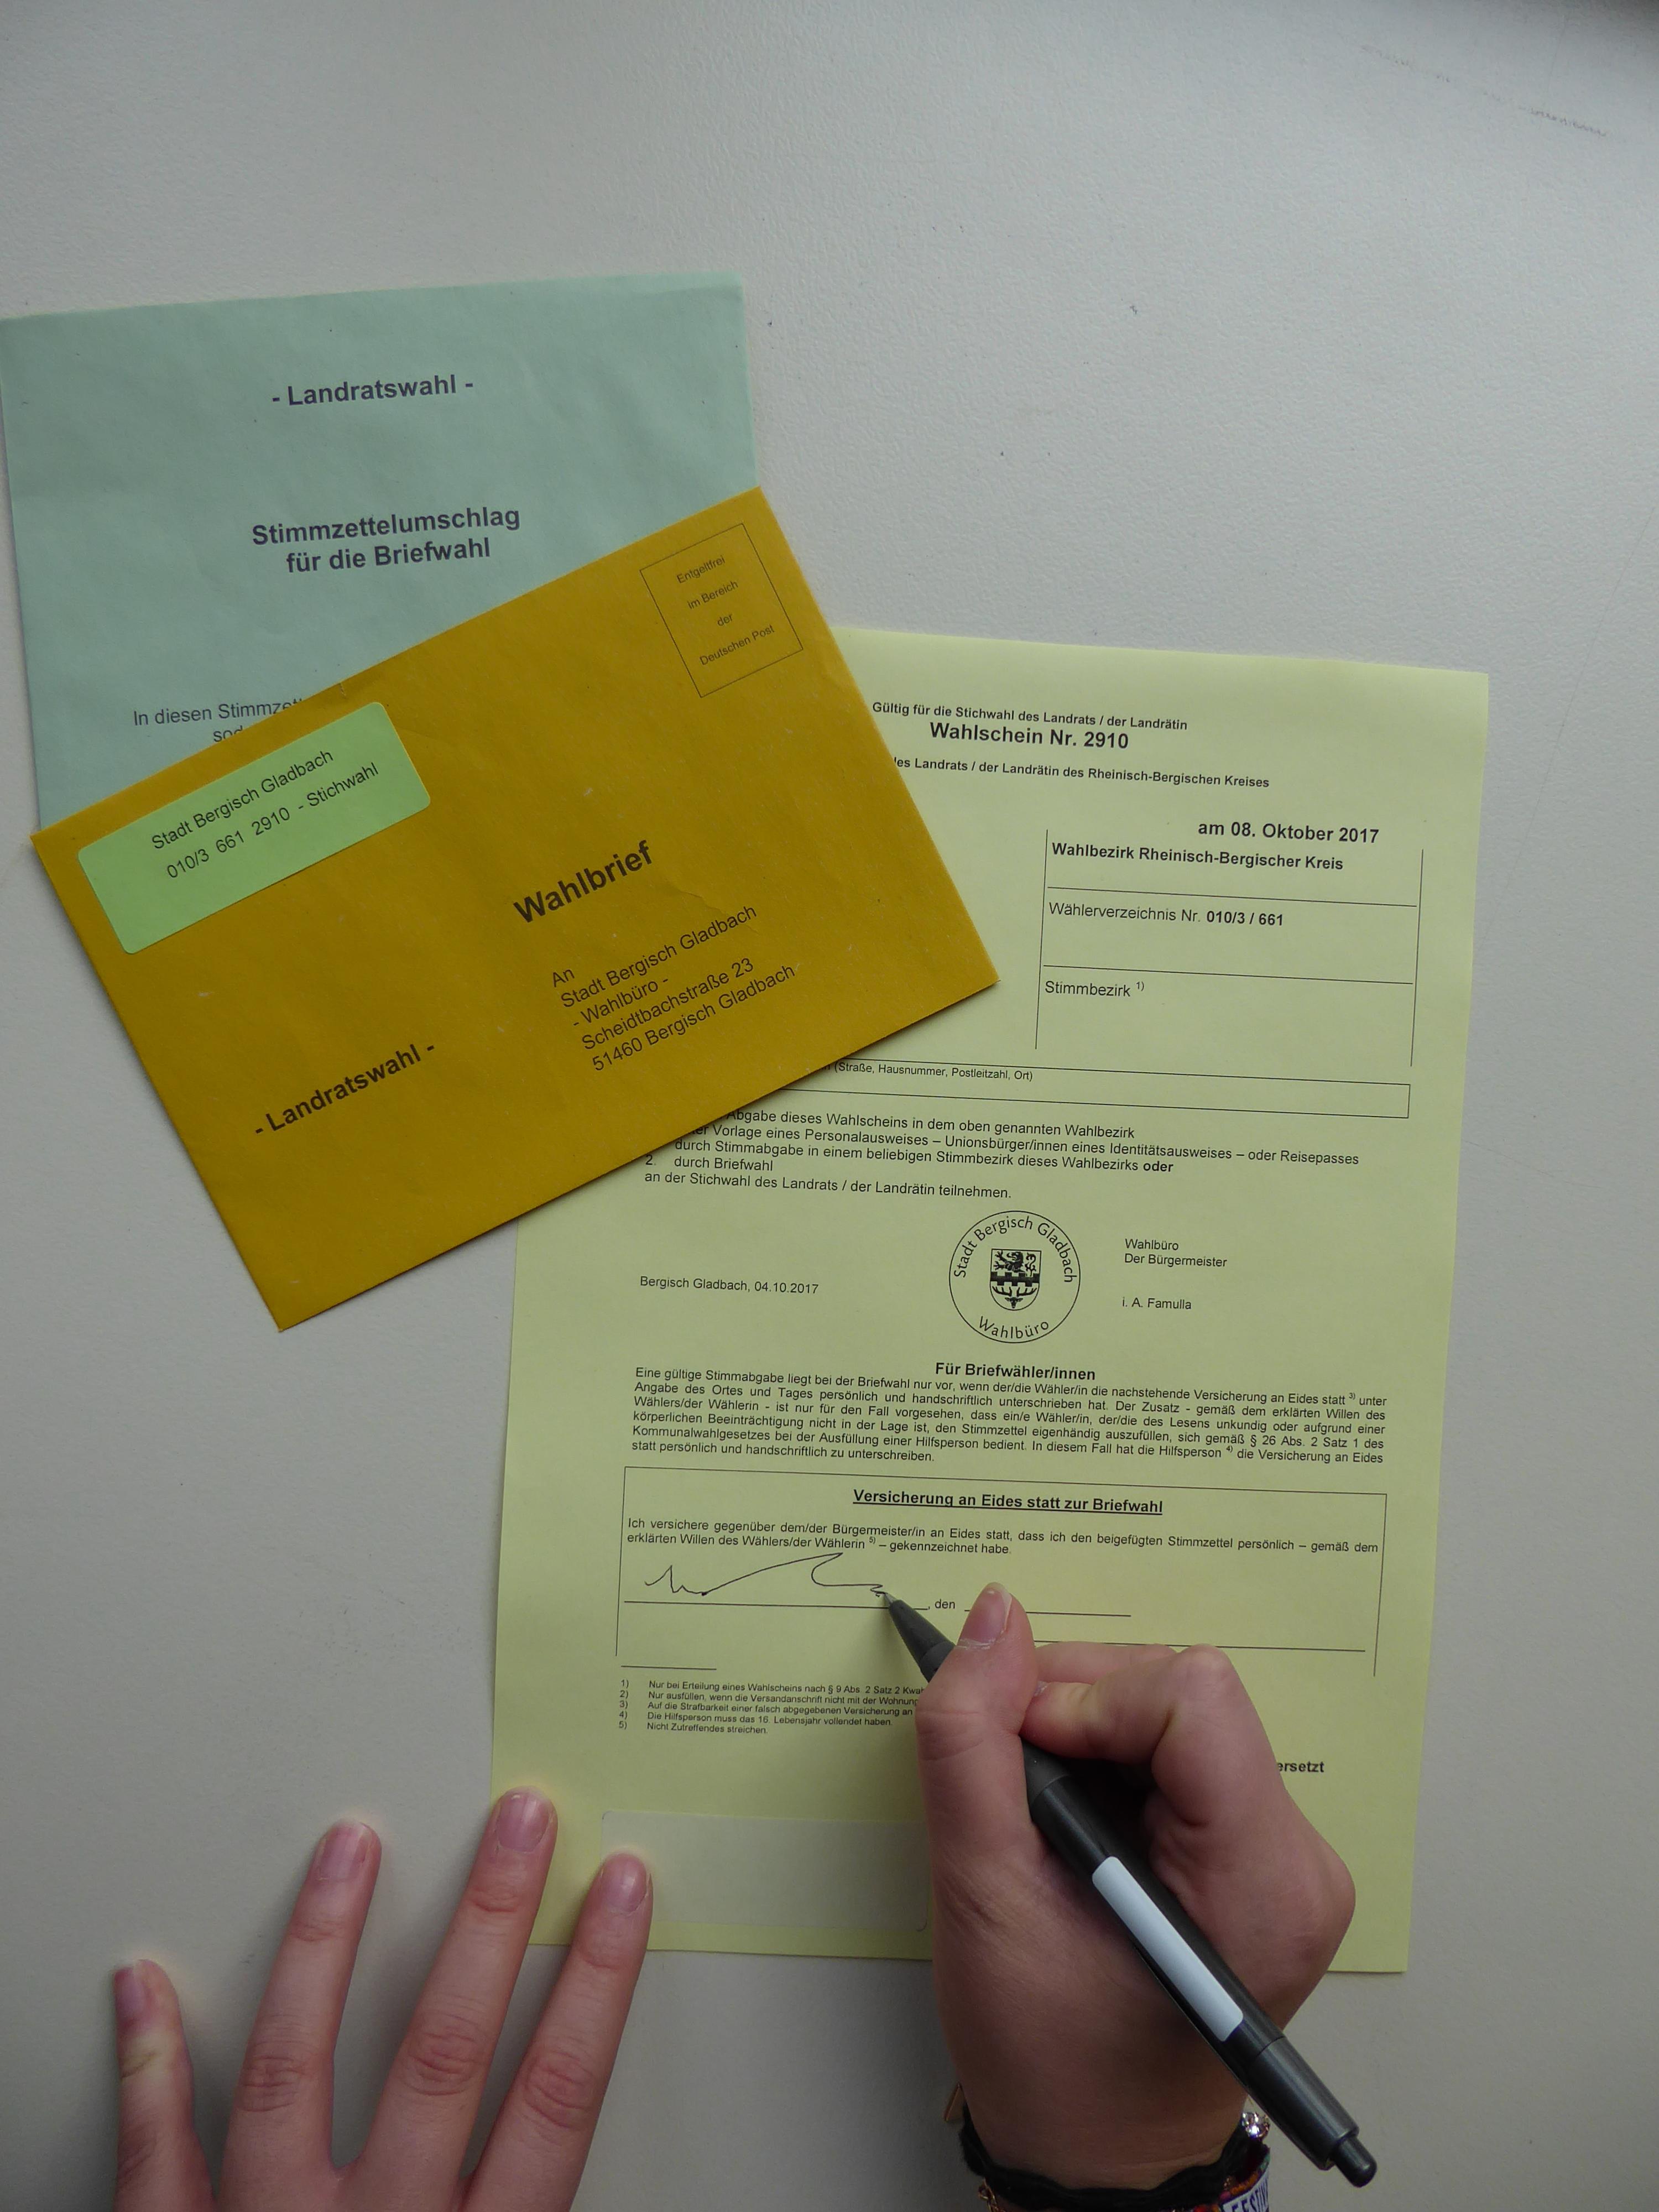 Briefwahlunterlagen Verloren